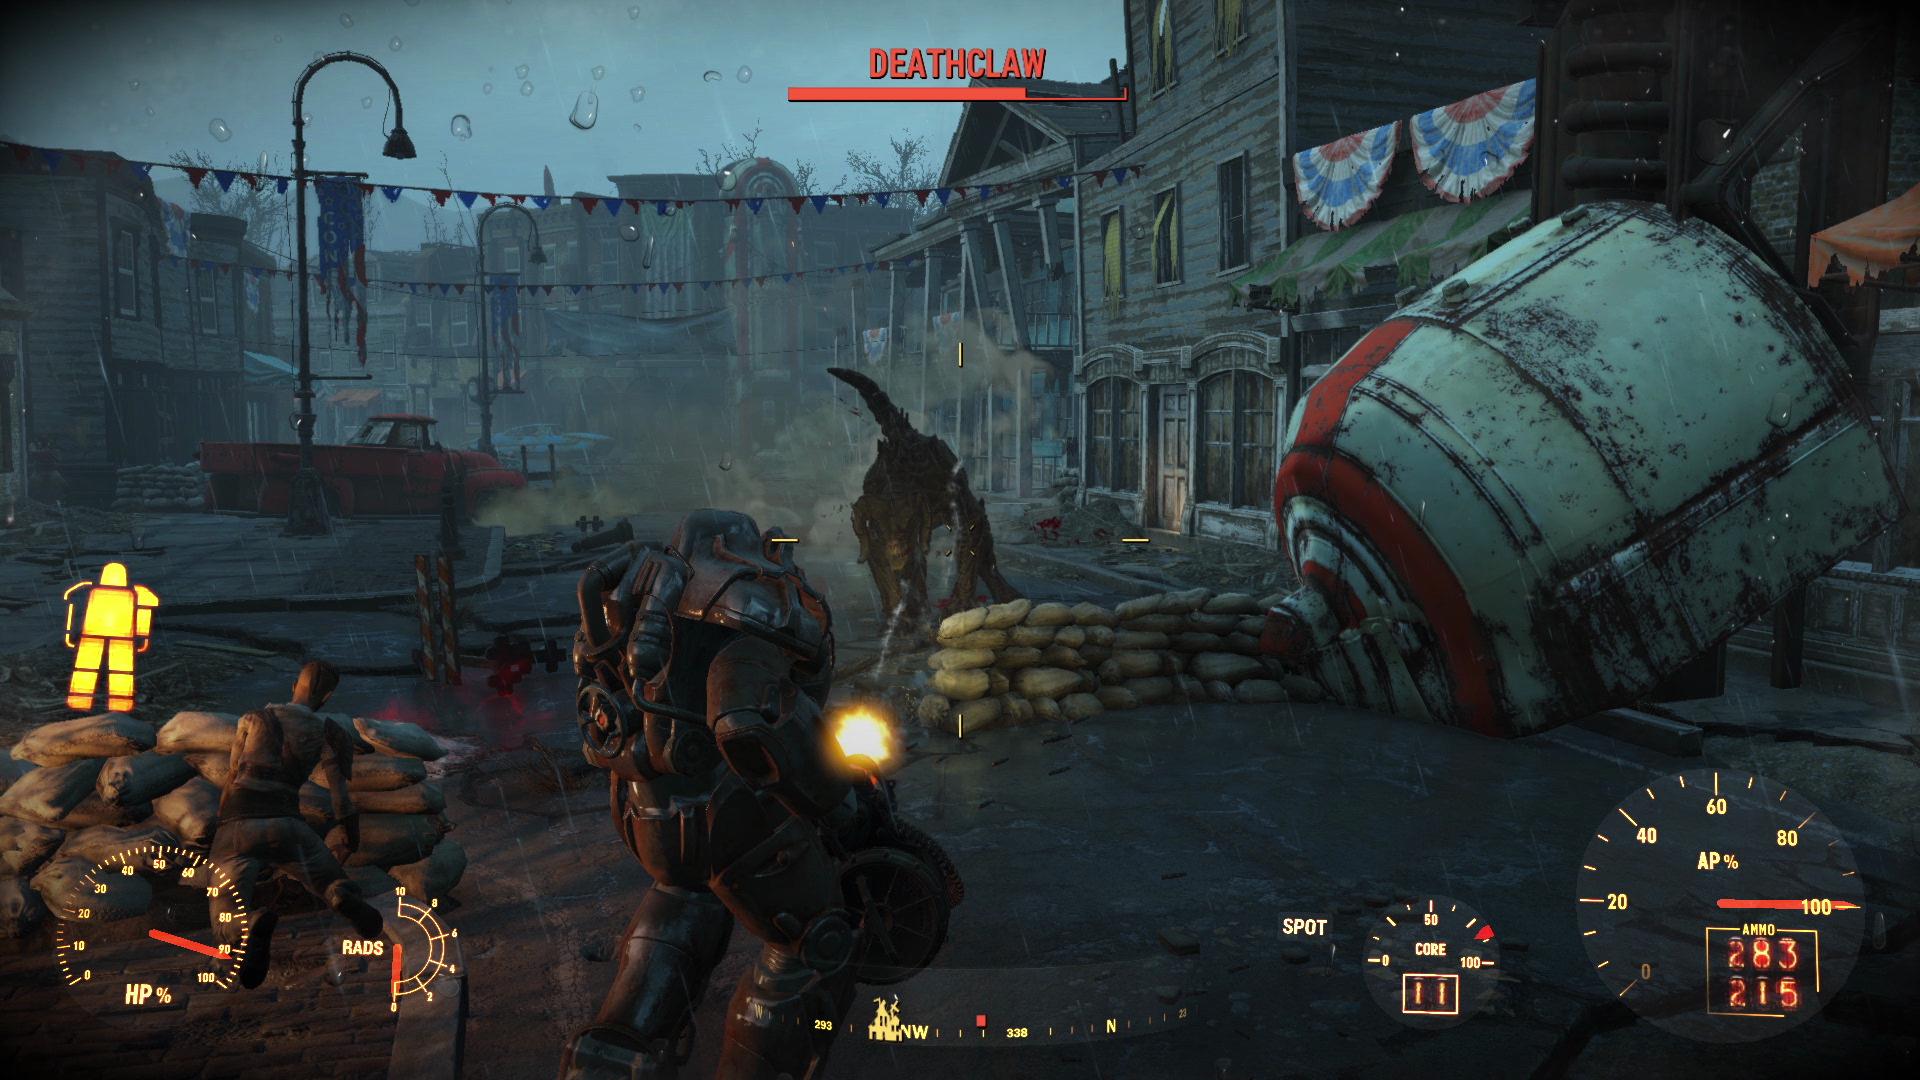 fallout4_e3xbox_deathclawattack